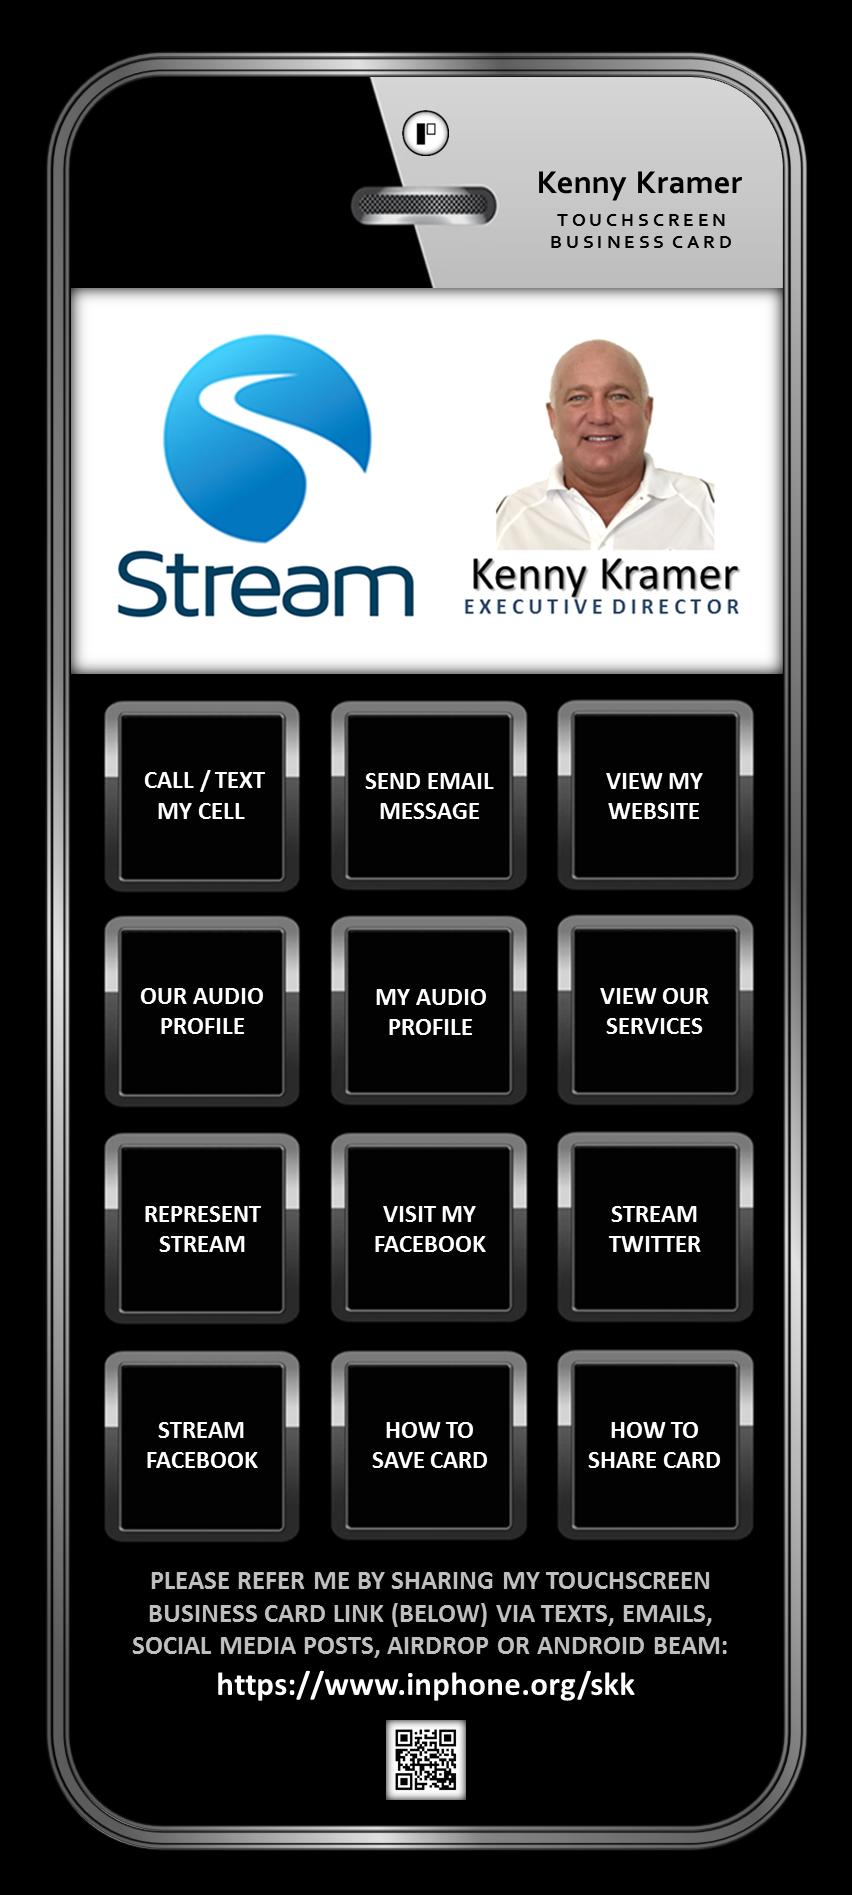 InPhone Test Drive Sample - Kenny Kramer